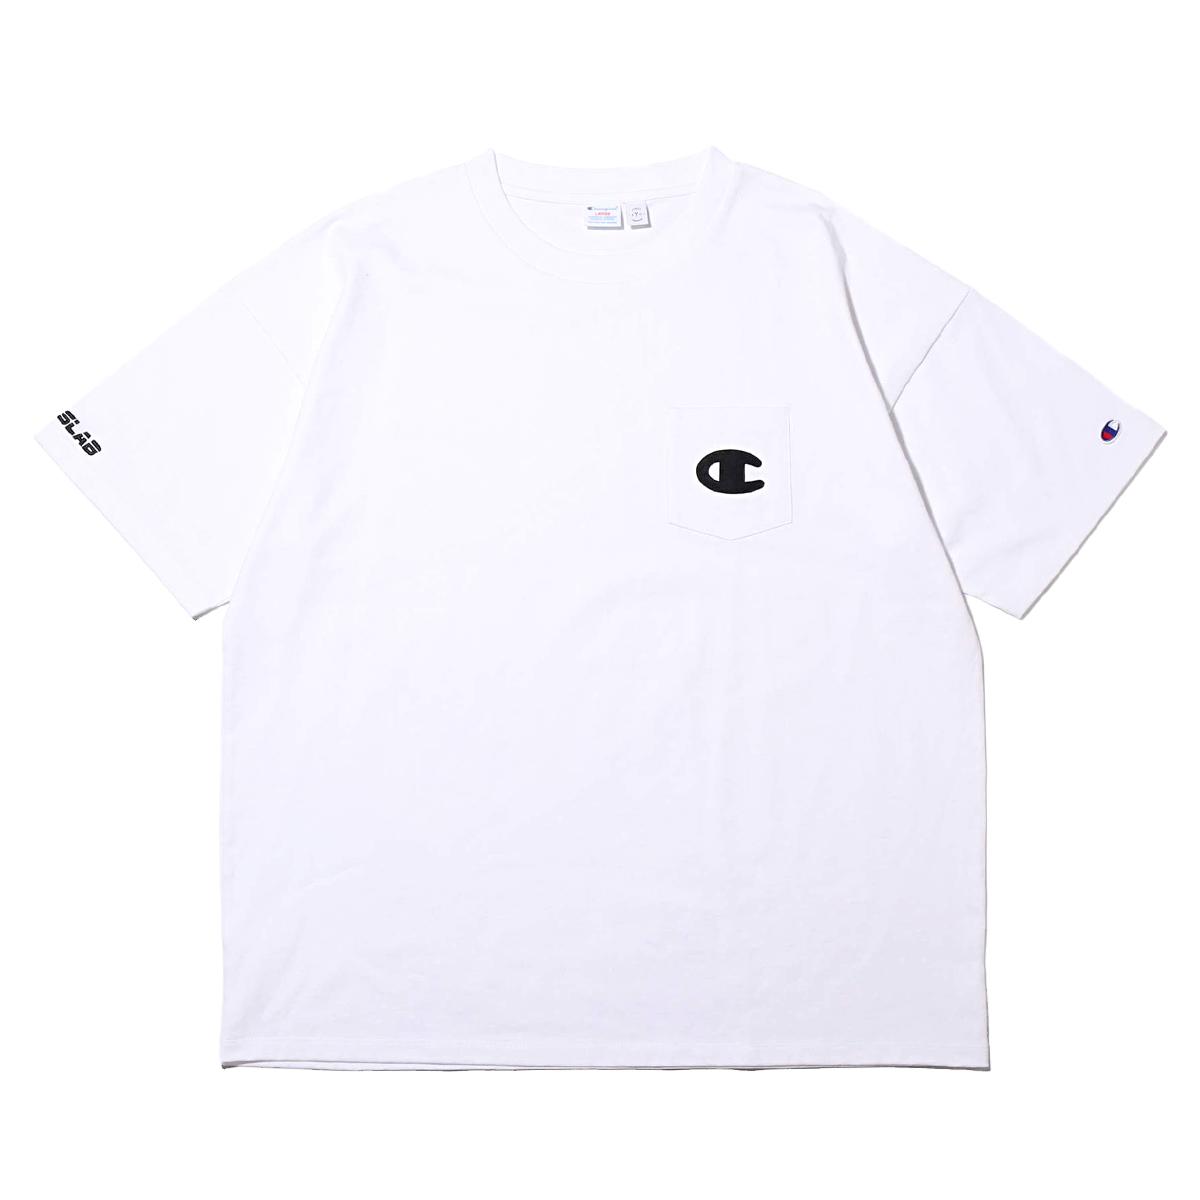 CHAMPION x ATMOS LAB LAB S/S POCKET T-SHIRT (チャンピオン × アトモスラボ ショートスリーブ ポケット ティーシャツ)ホワイト【メンズ Tシャツ】19SP-S